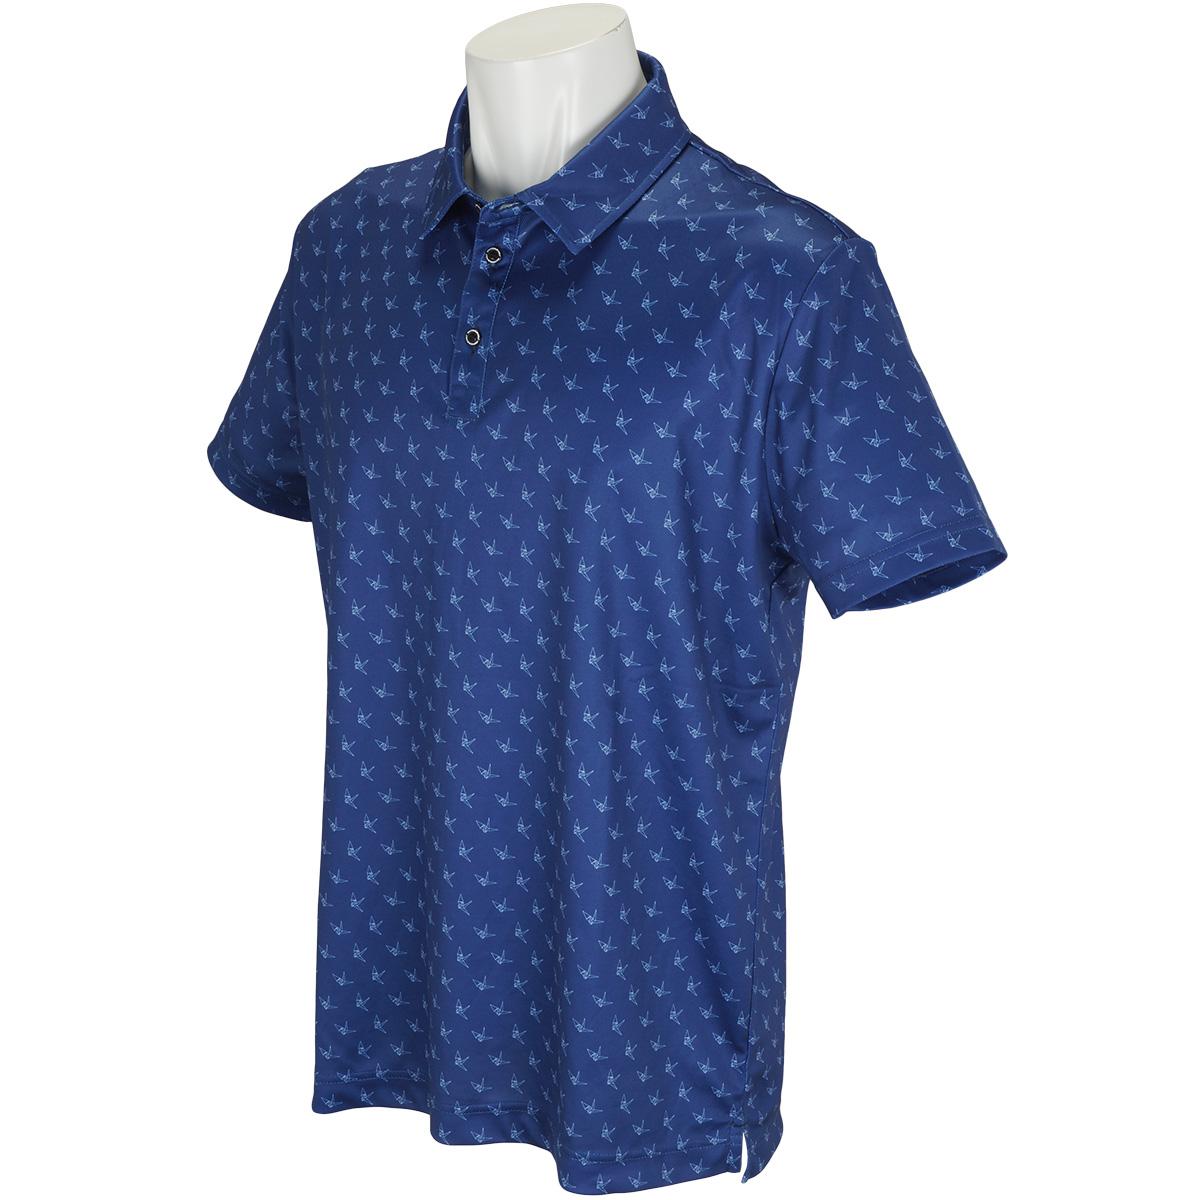 モノグラム半袖ポロシャツ